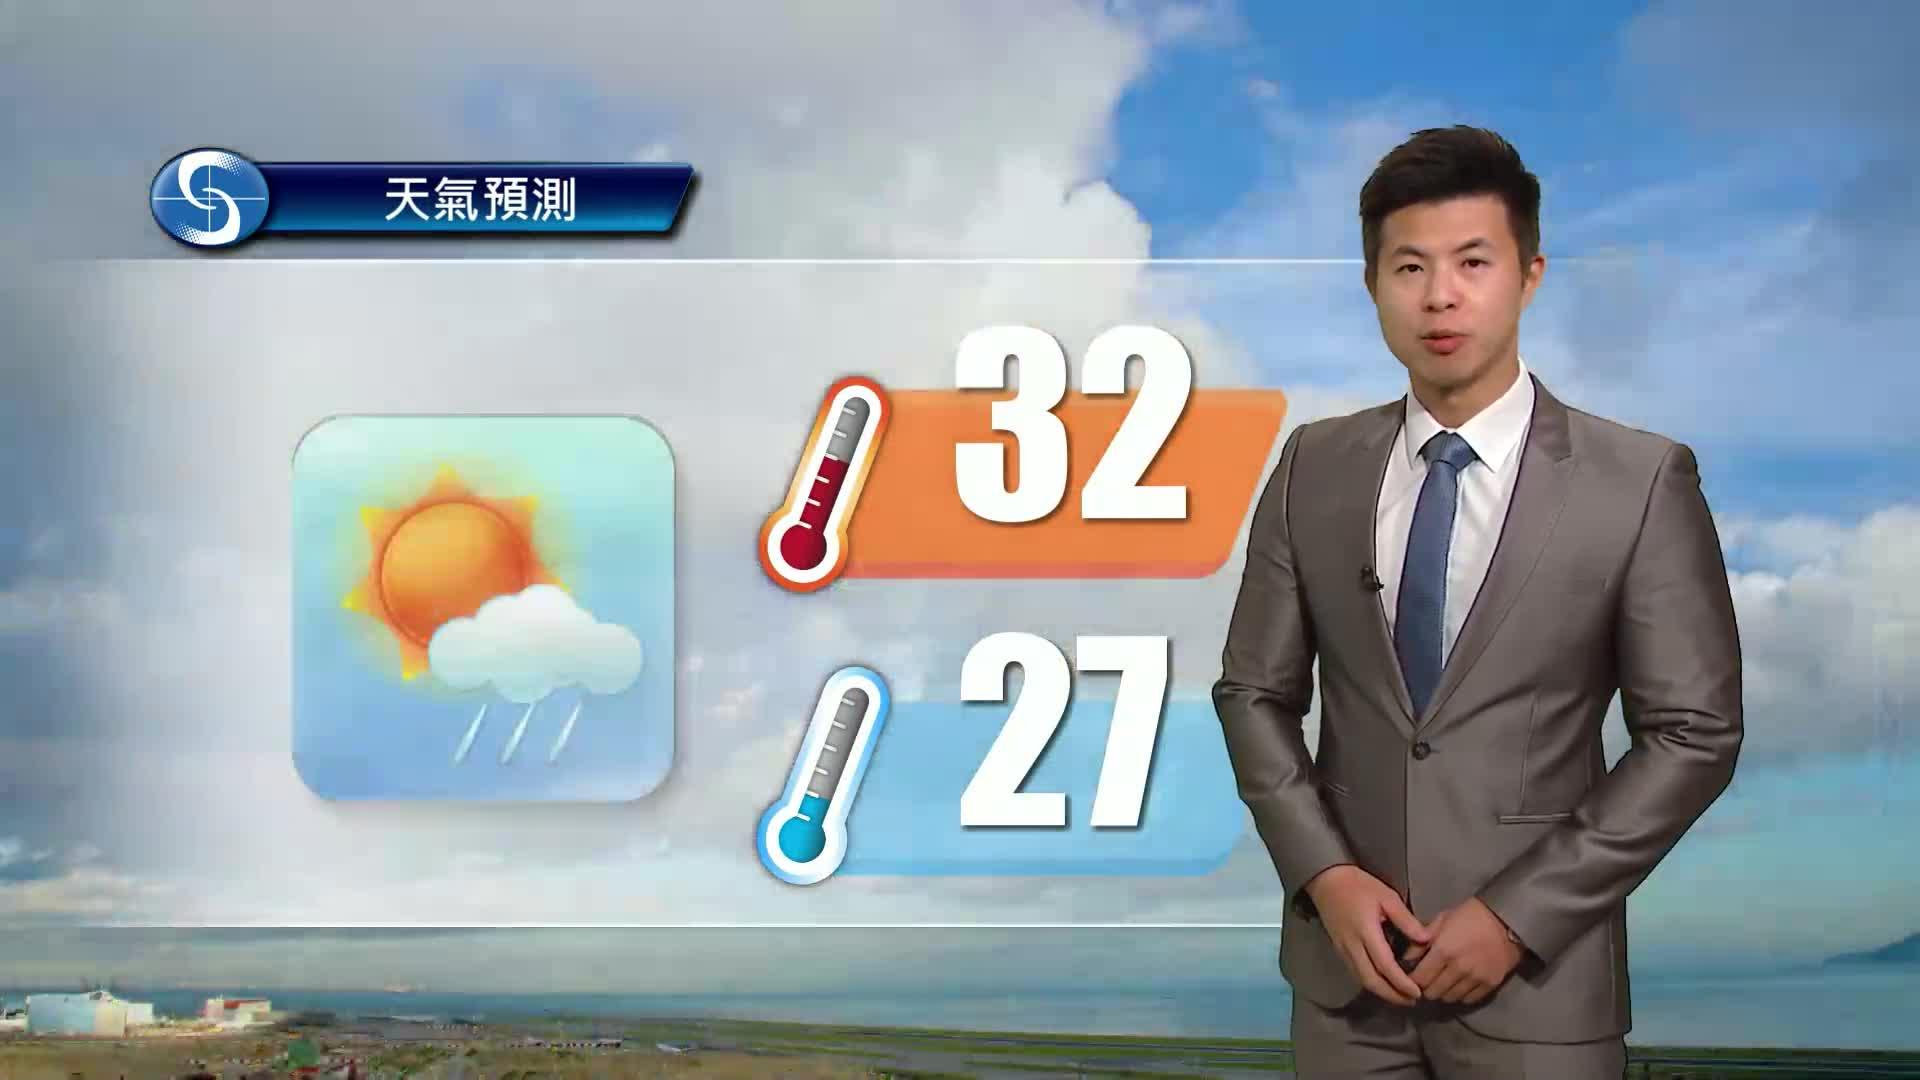 黃昏天氣節目(05月17日下午6時) - 科學主任黎宏駿